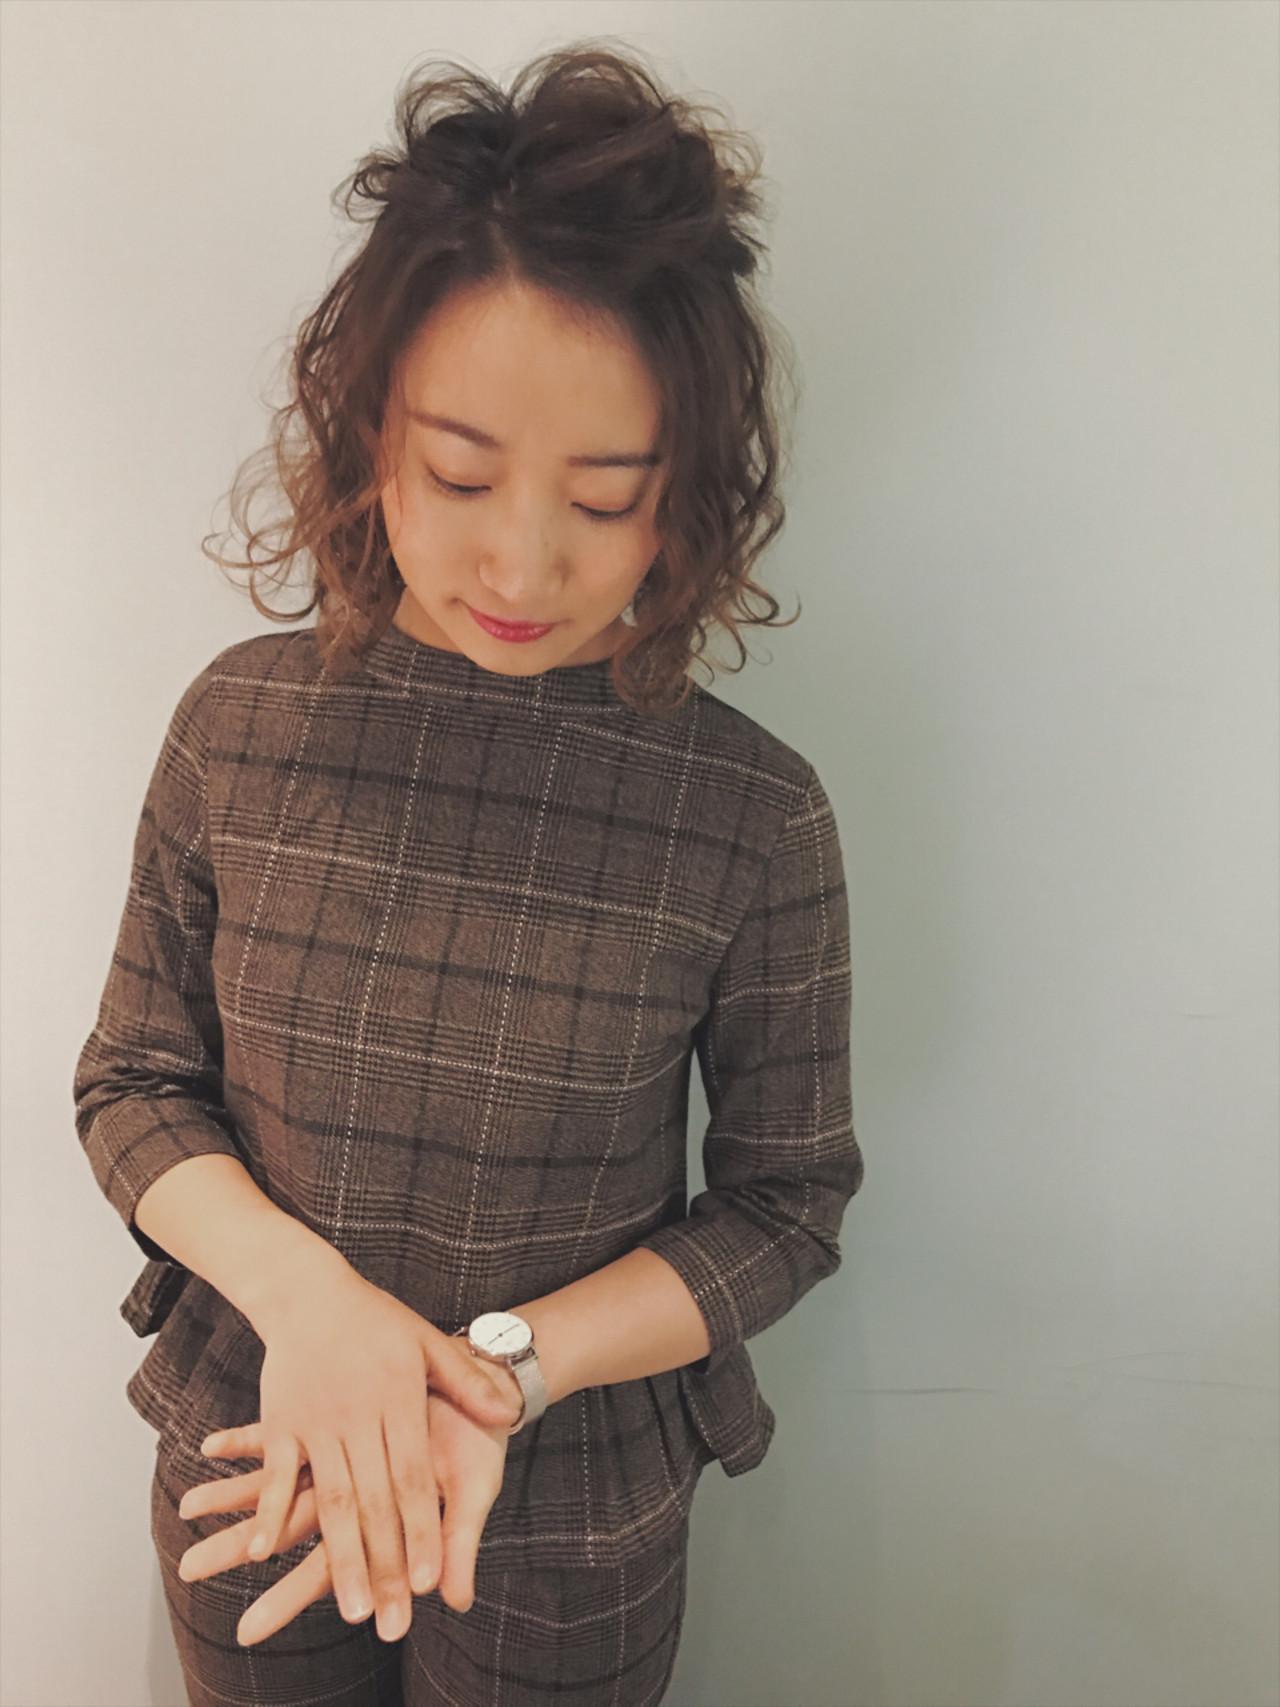 キメらない前髪はすっきりと☆ボブアレンジ 堀川 千枝